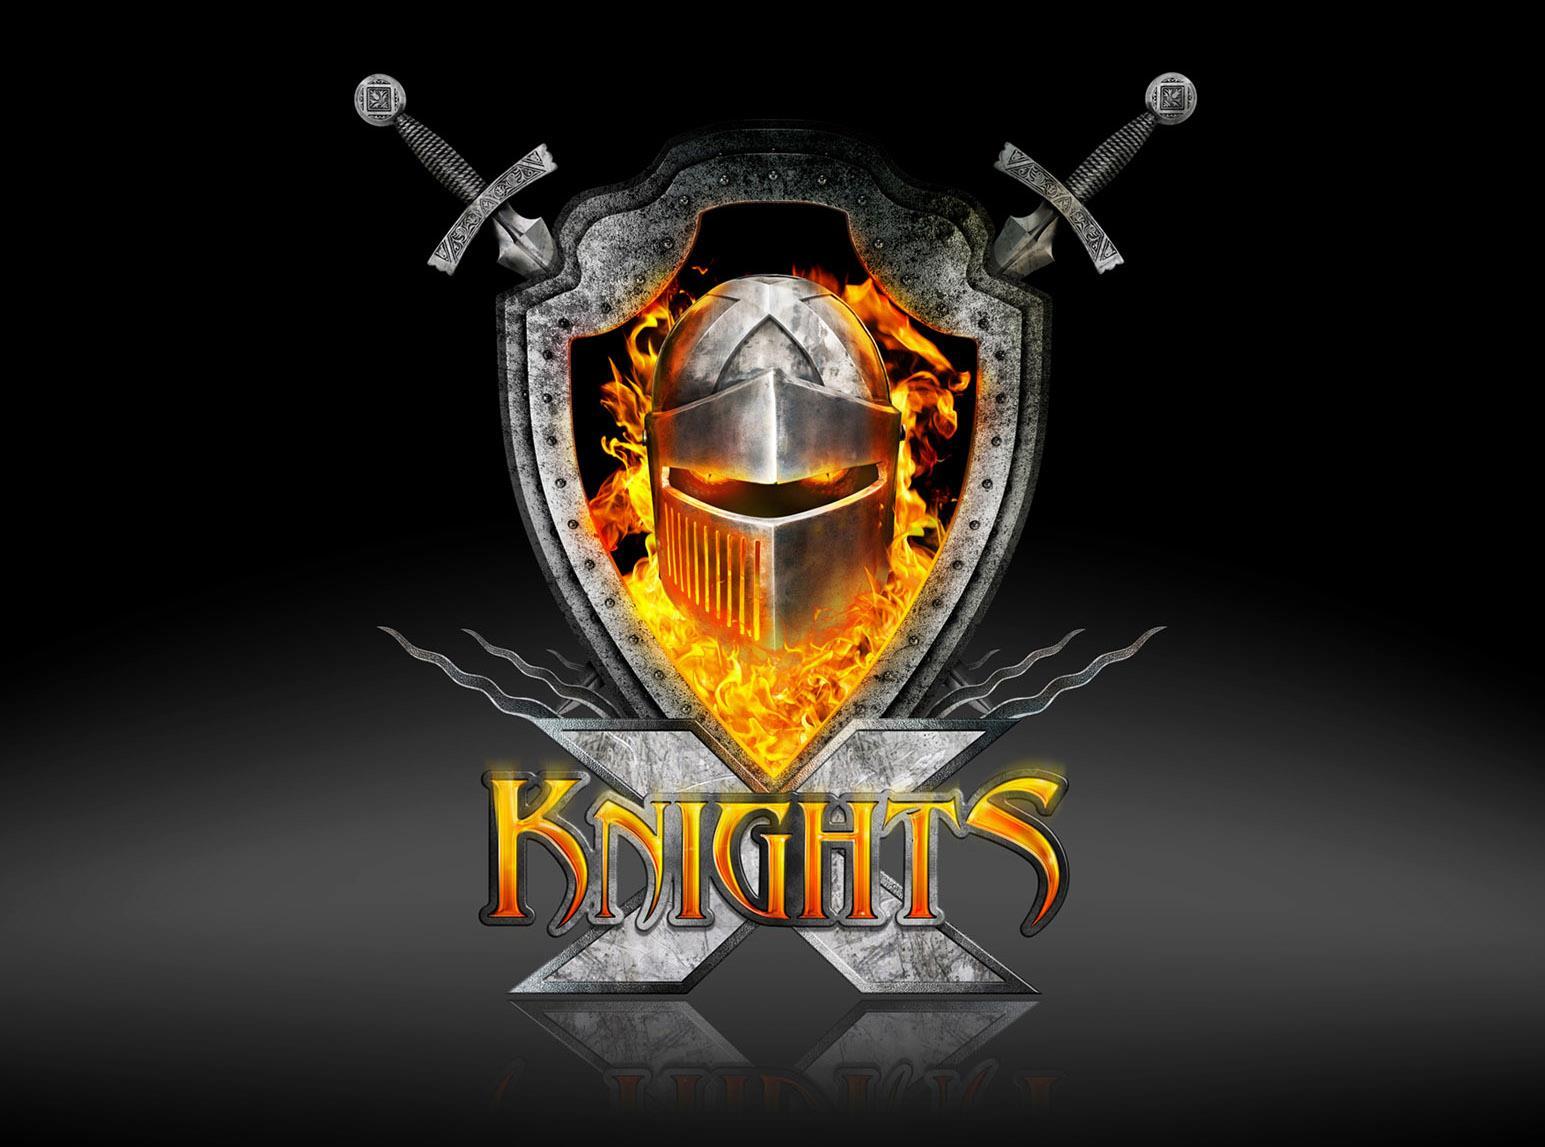 X_KNIGHTS_2012_